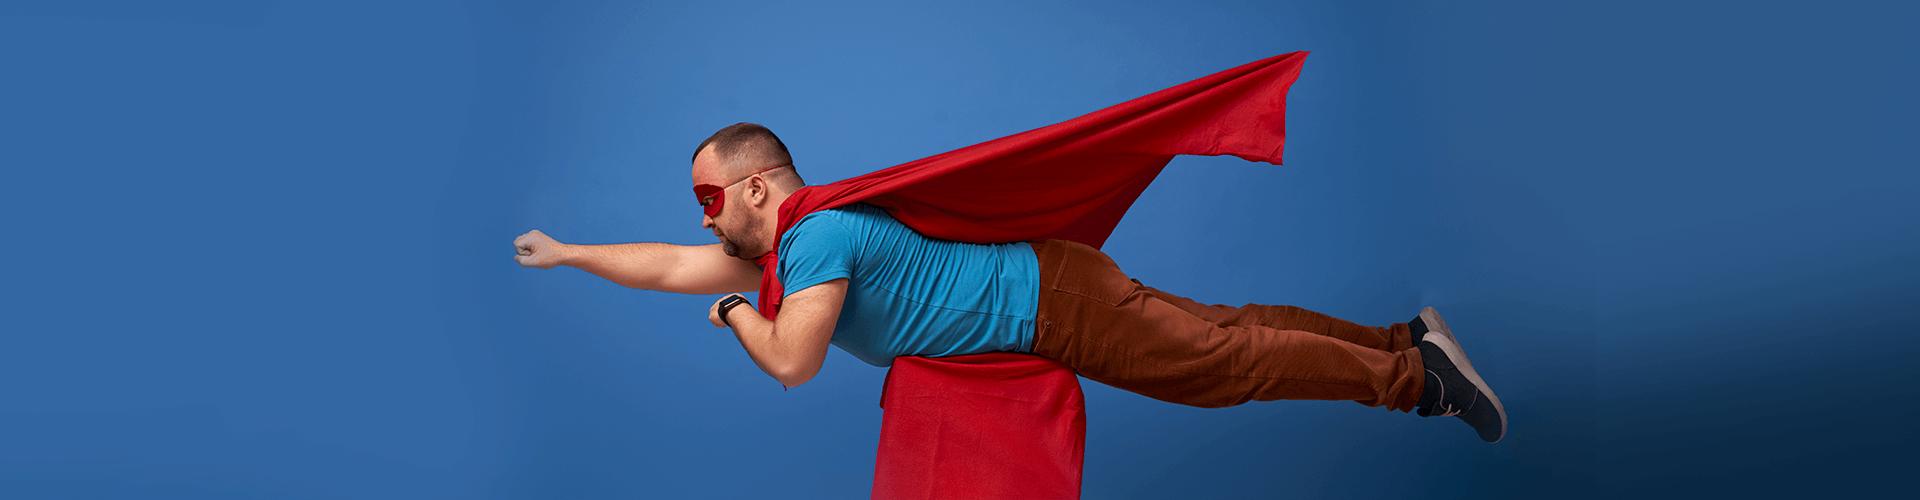 супермен, мужчина, летит, карты, мили, аэрофлот